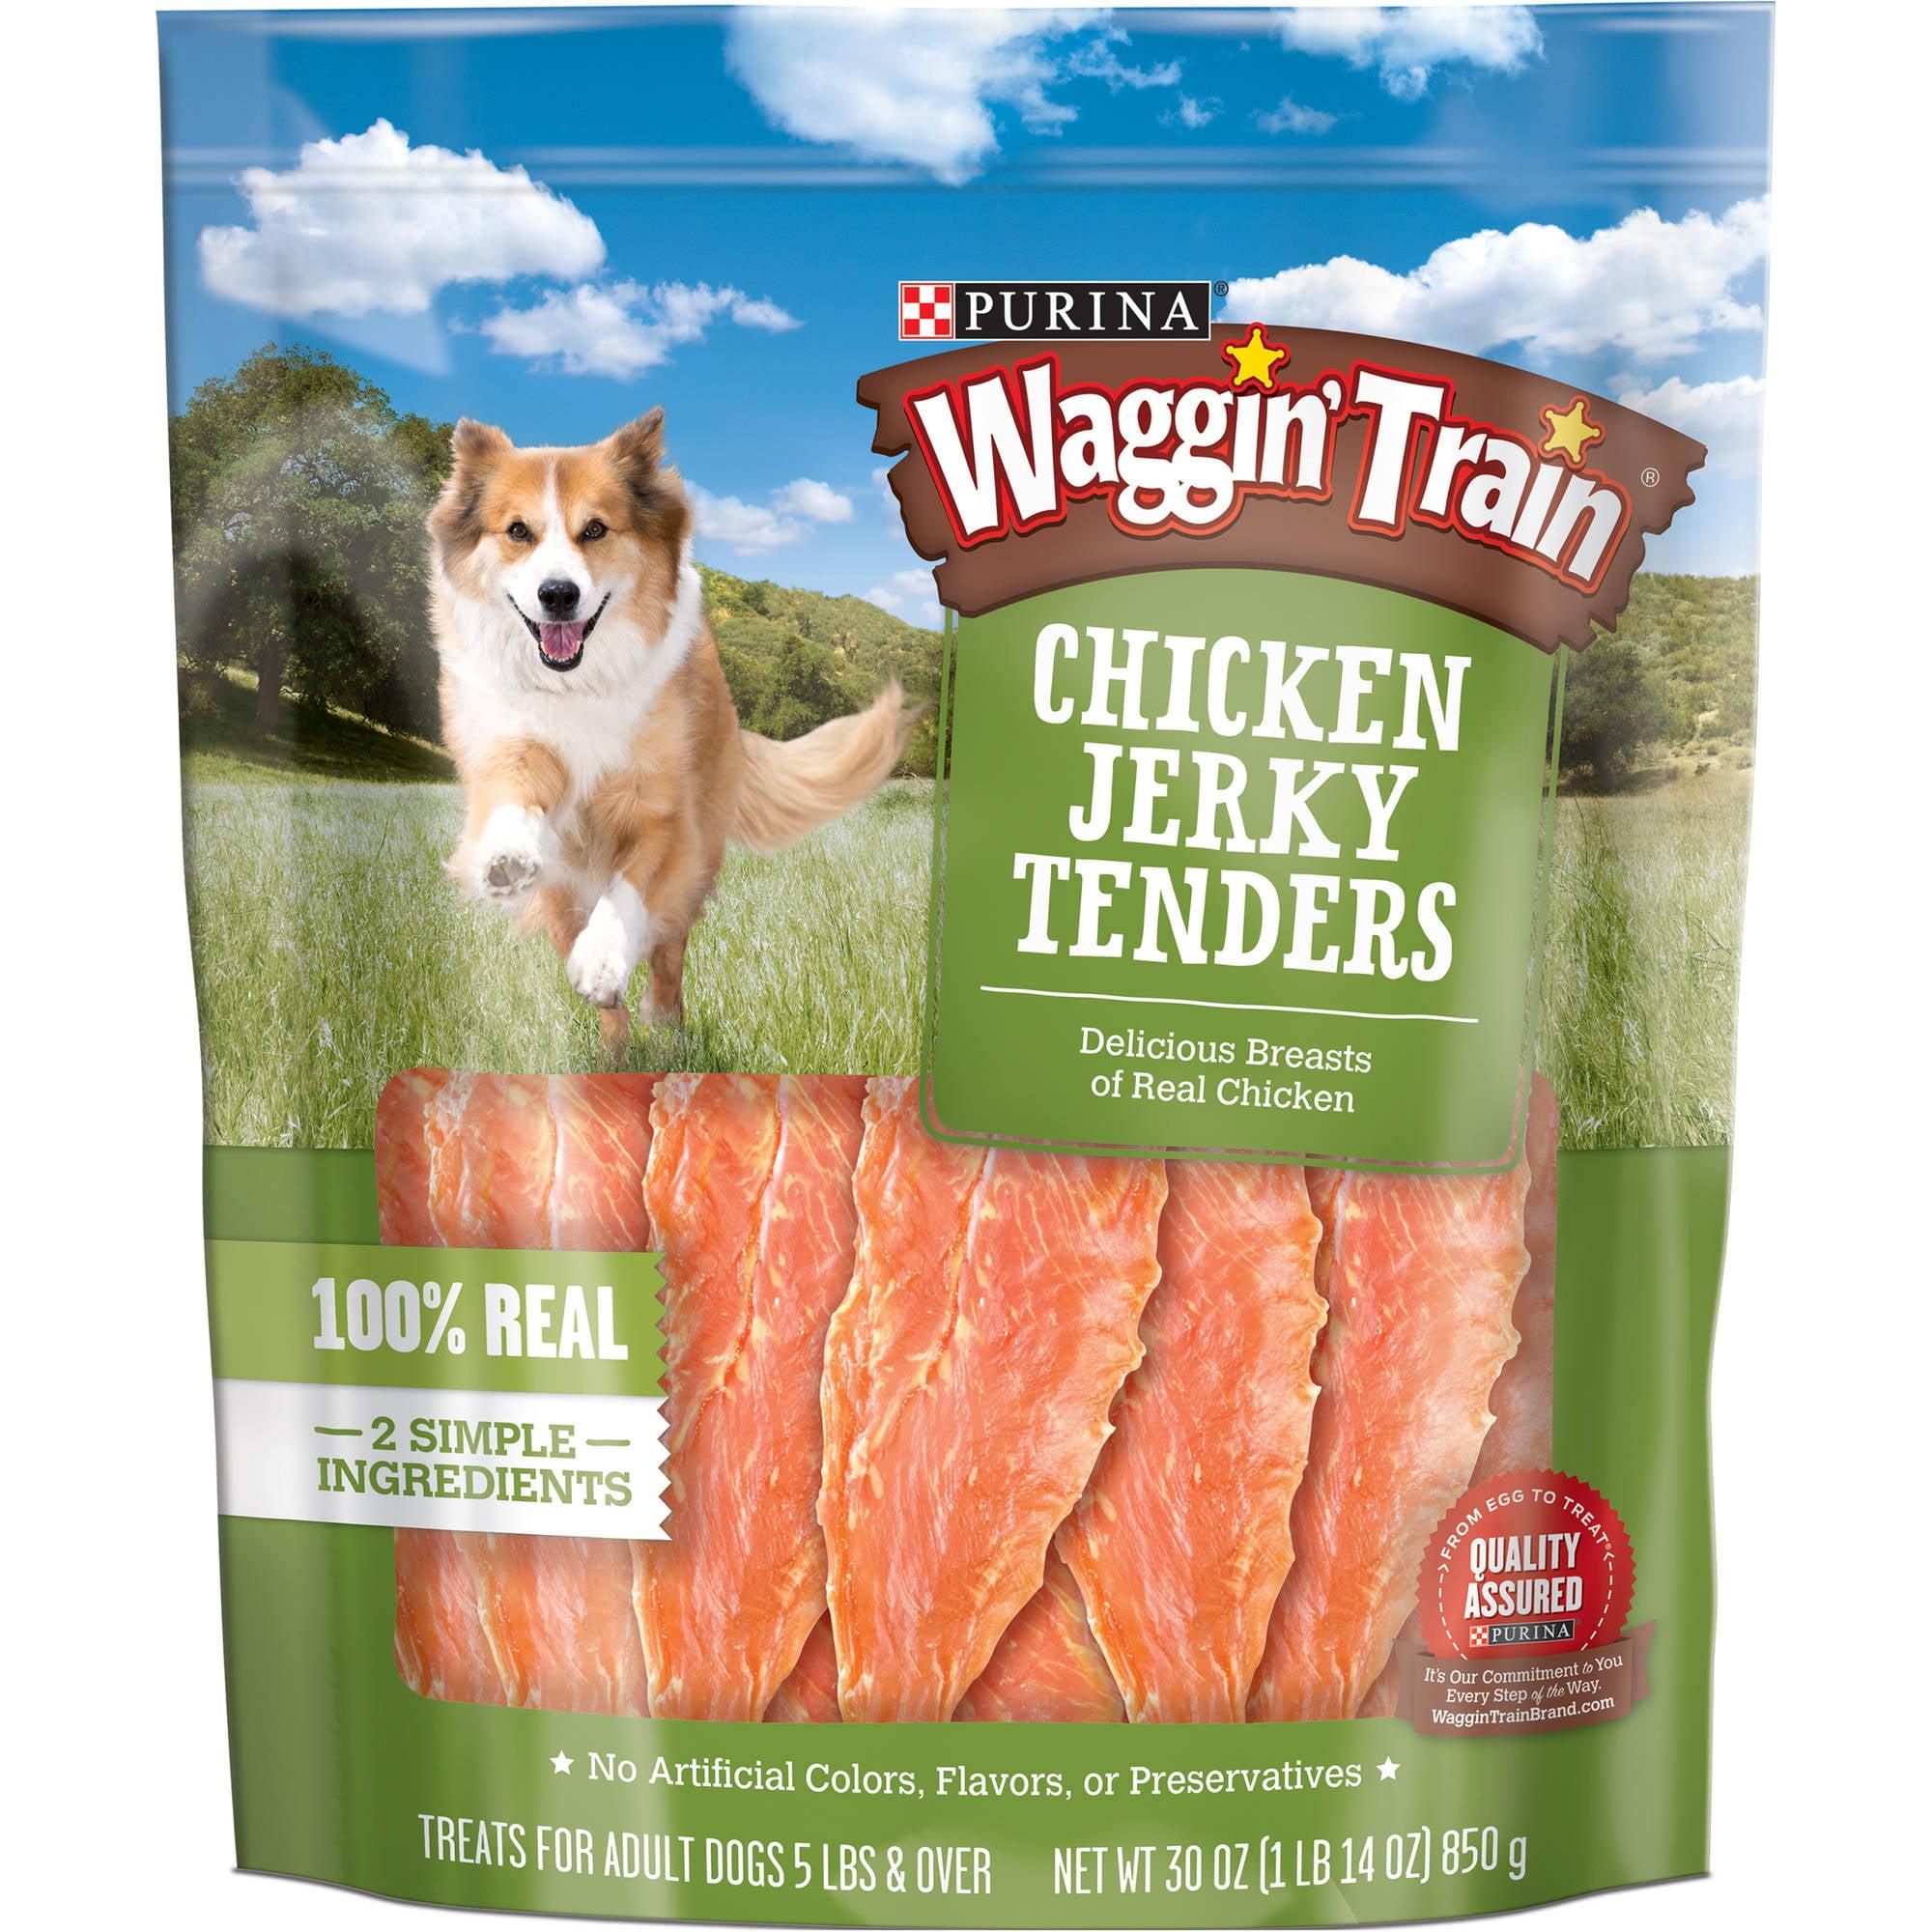 Purina Waggin' Train Chicken Jerky Tender Dog Treats, 30 Oz by Waggin' Train, LLC.